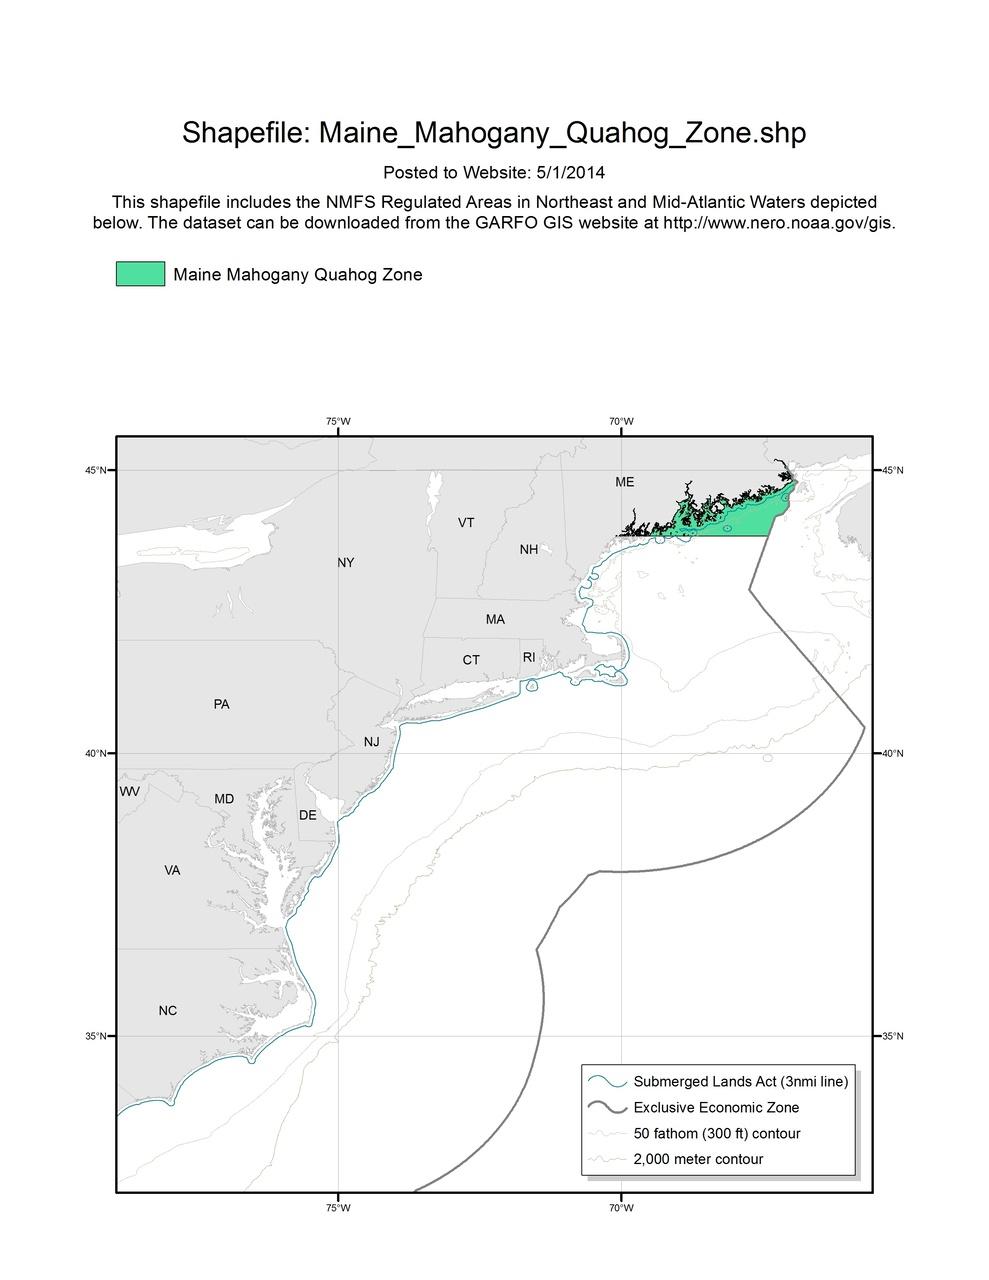 Maine-Mahogany-Quahog-Zone-MAP-NOAA-GARFO.jpg